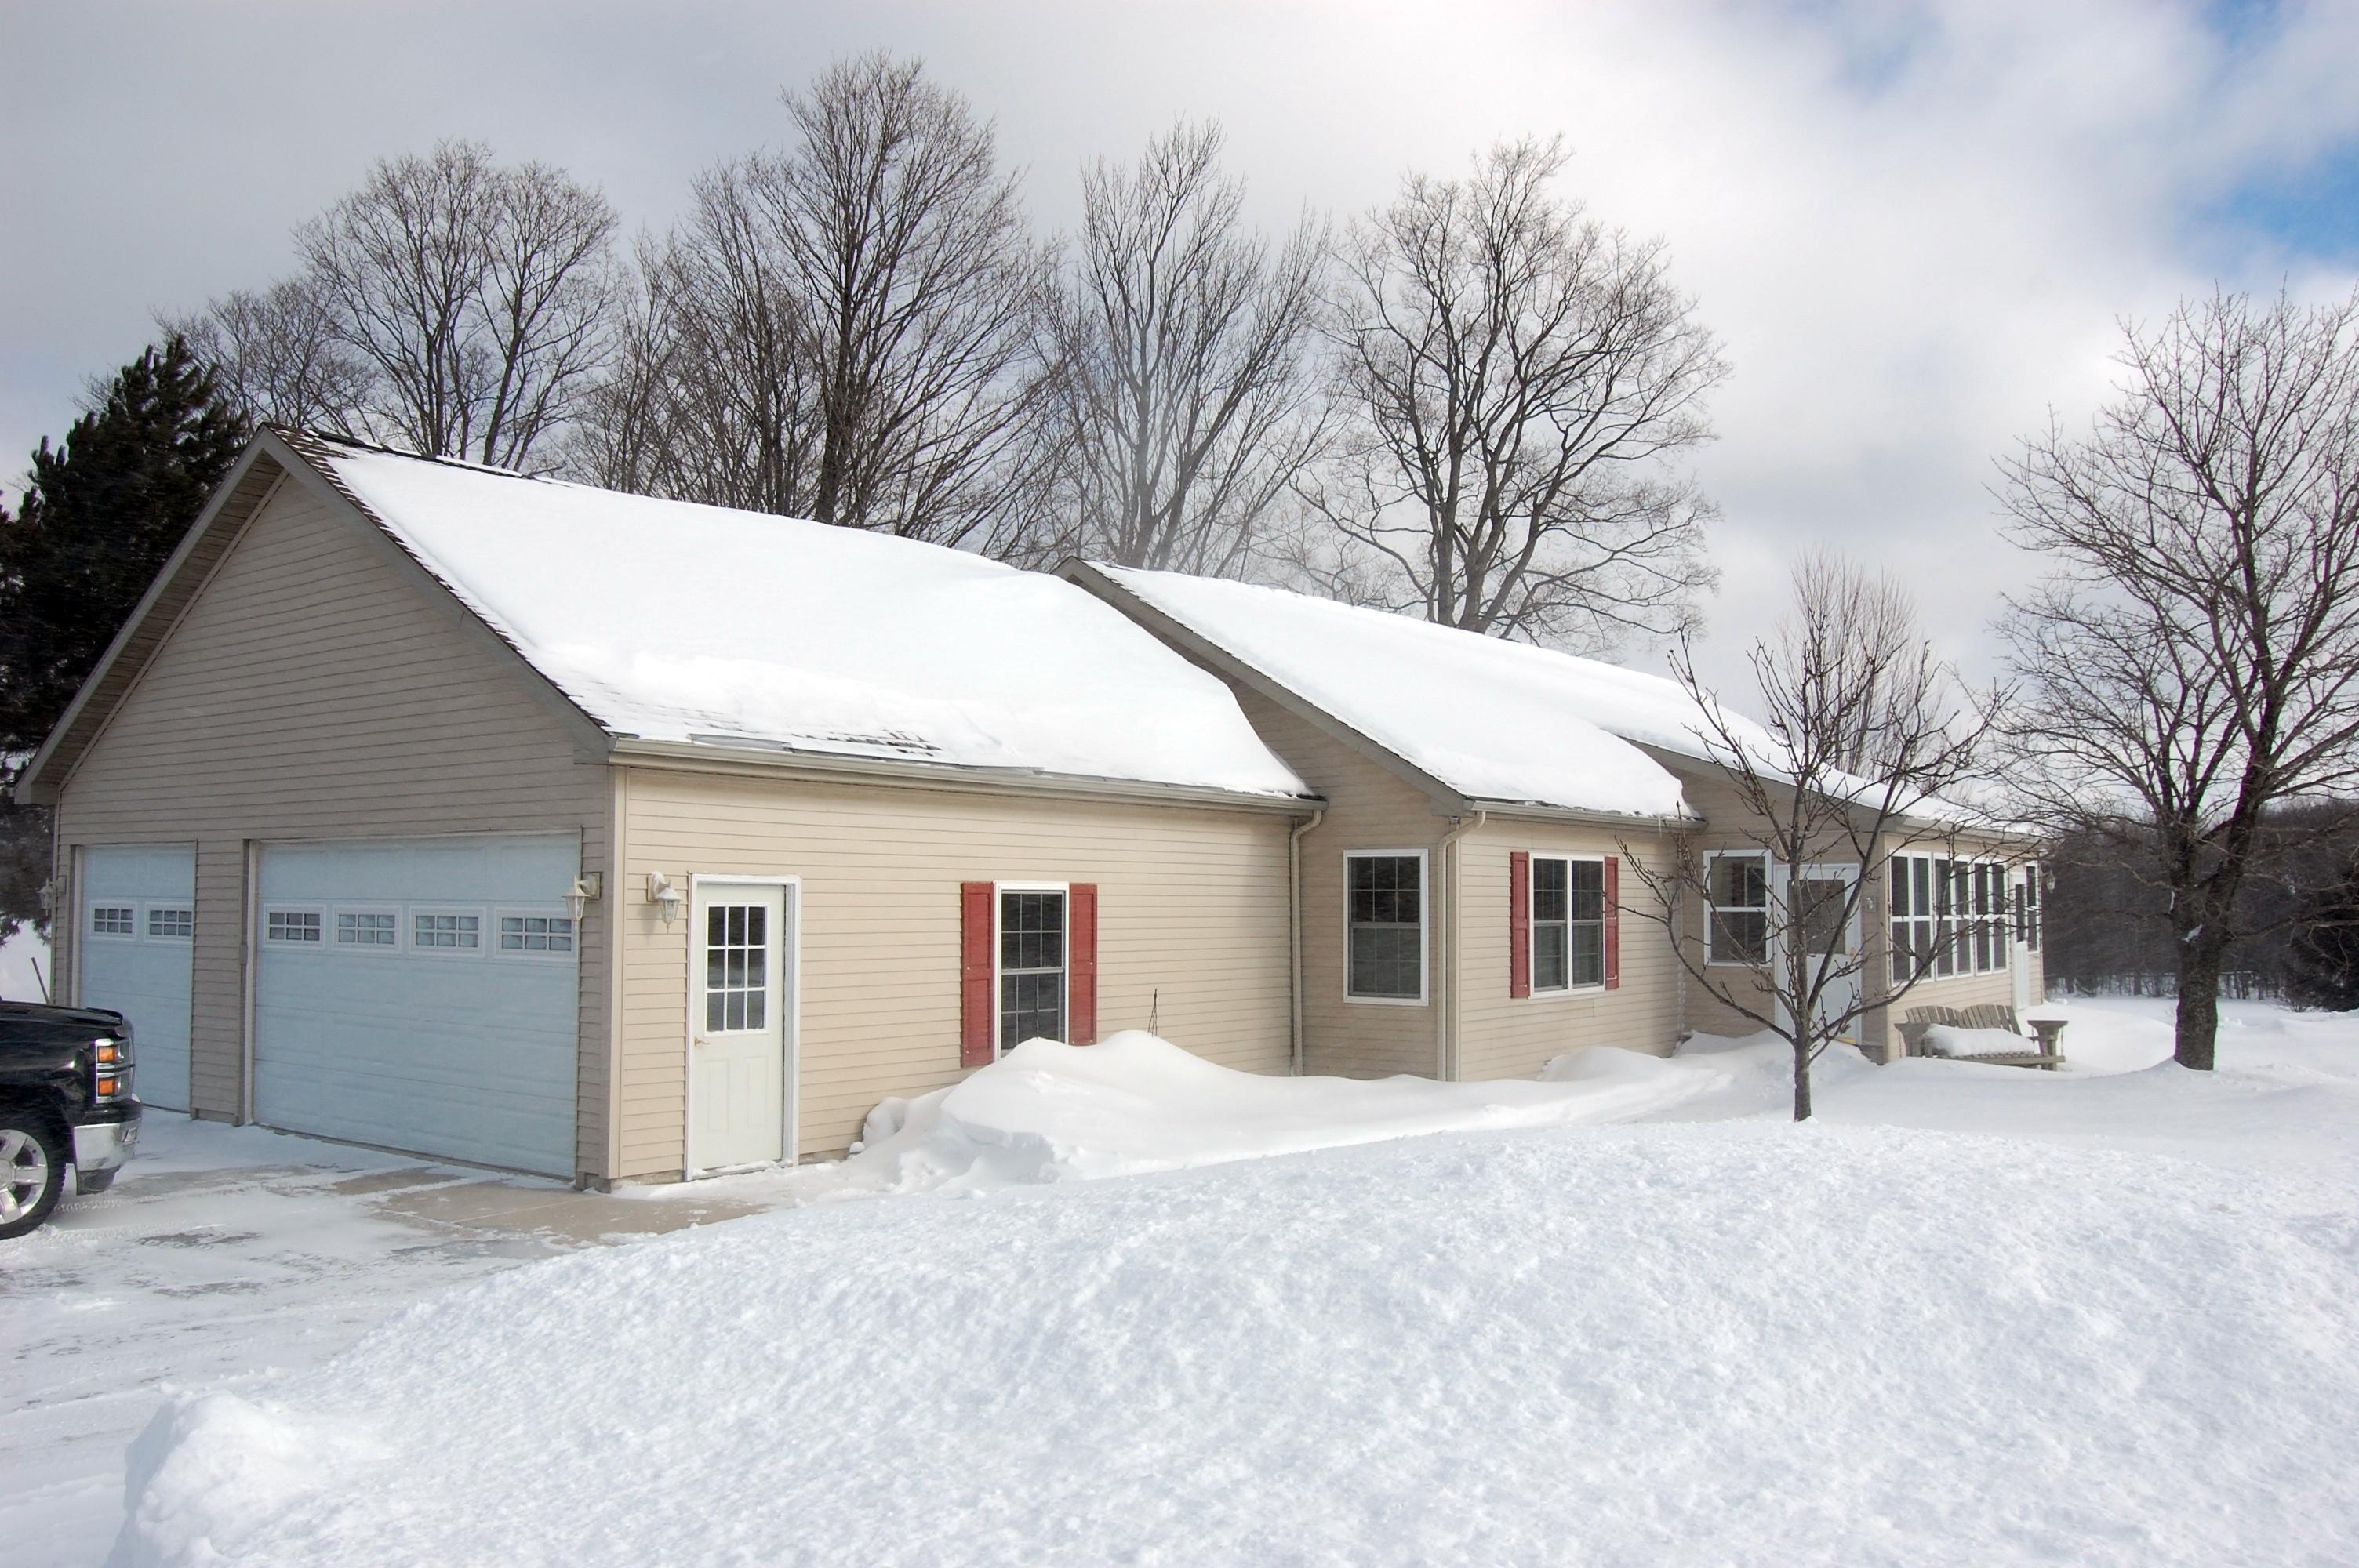 3590 E Brutus Rd, Alanson, Michigan 49706